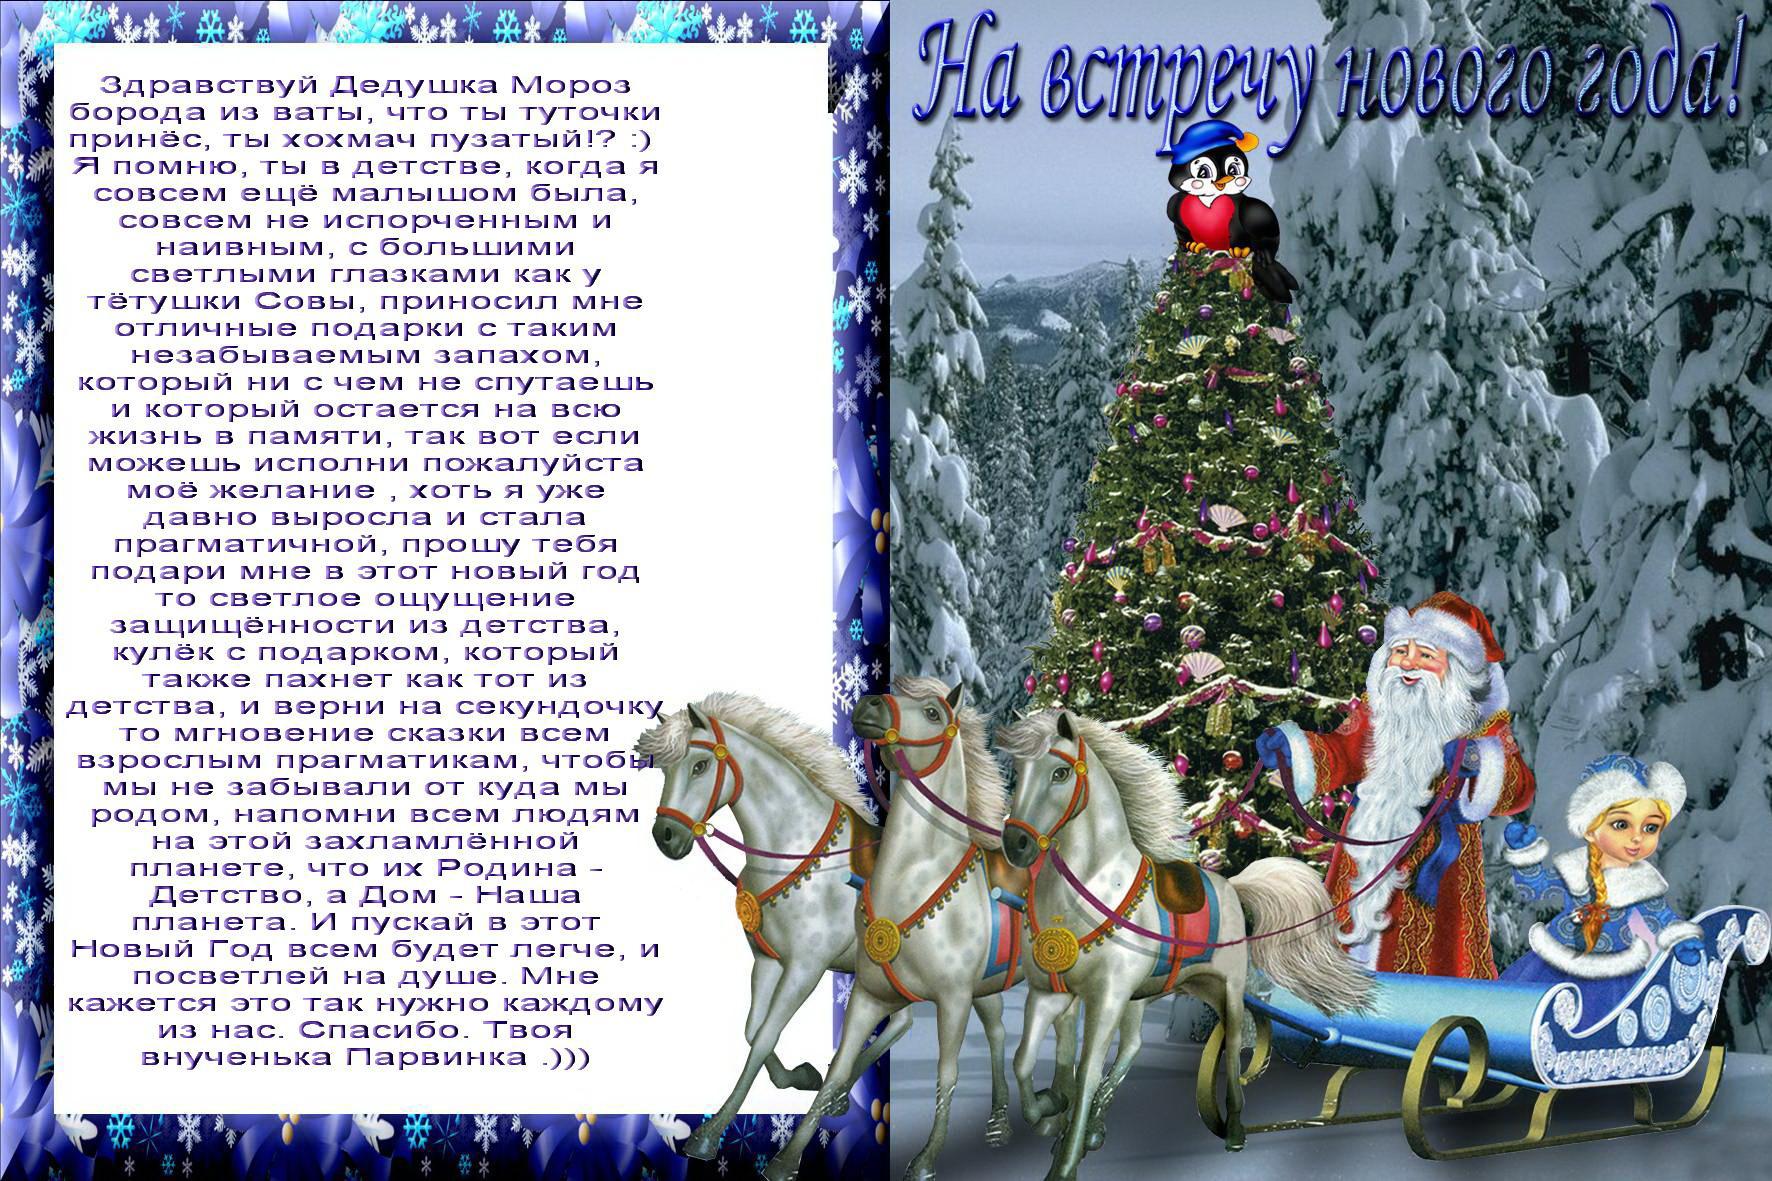 Новогодние рамки. Классическая двусторонняя новогодняя рамка, которую можно использовать и как открытку, и как новогоднюю рамку для фото. Поздравительный текст, который расположен в левой части новогодней рамки, легко заменить на красивый портрет ребёнка, любимого человека или коллеги. В правой части рамки нарисован дедушка Мороз, который правит тройкой лошадей, а рядом с ним сидит внучка Снегурочка.